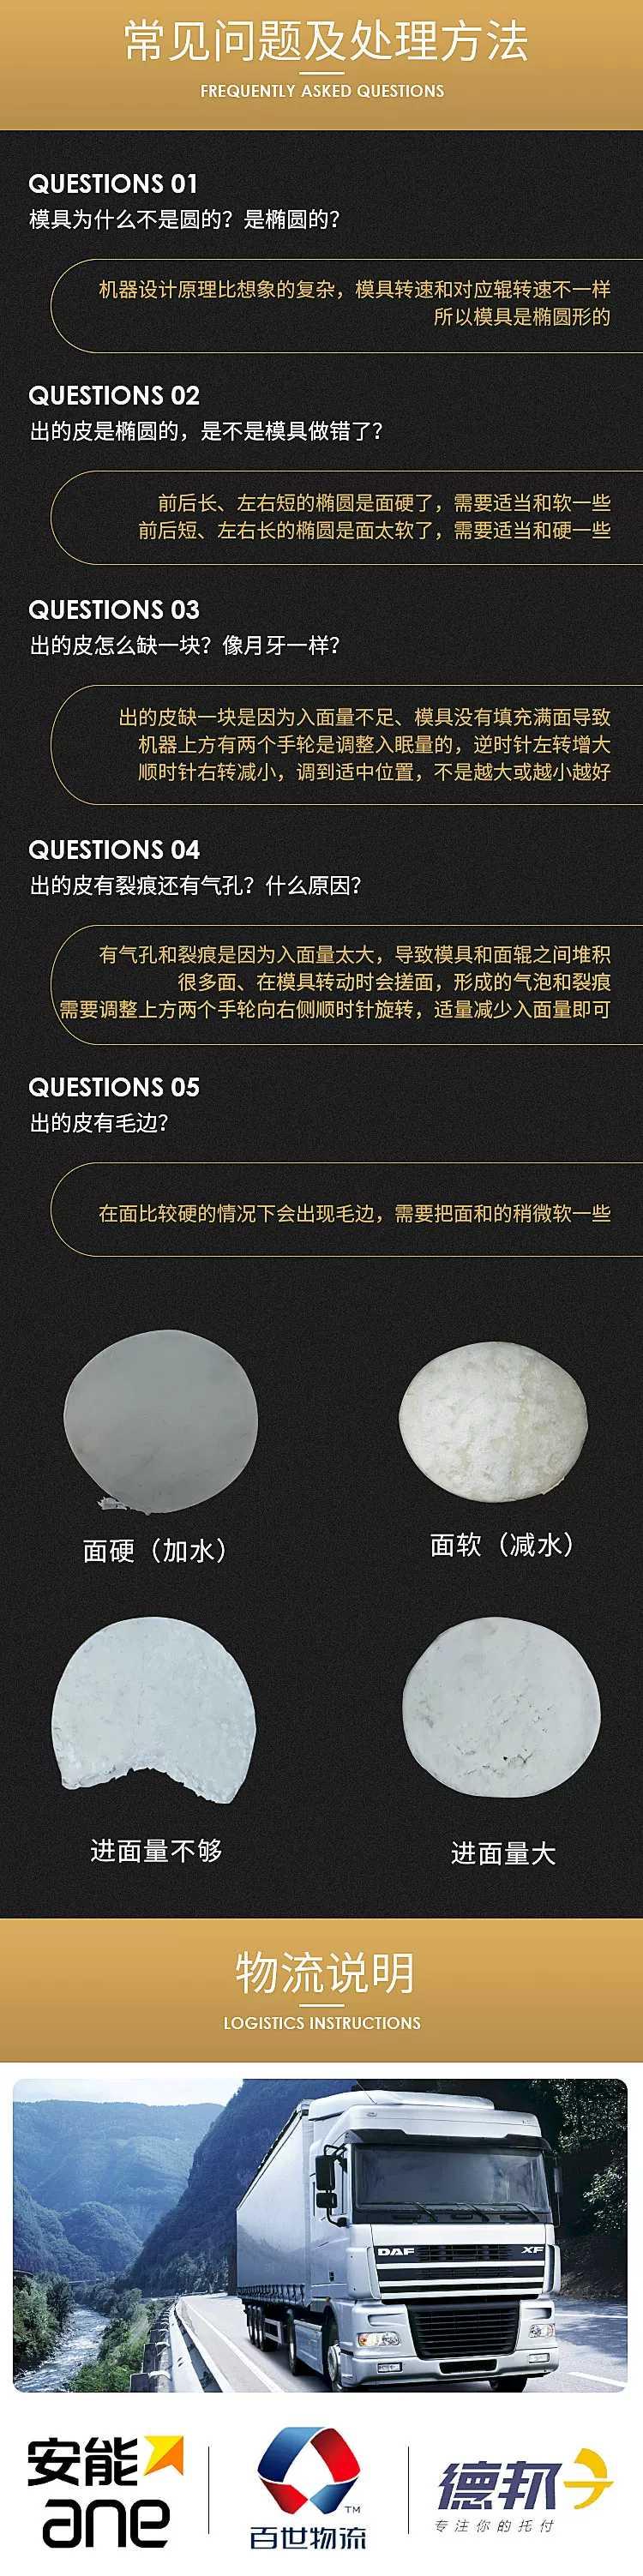 饺子皮机长图2.jpg